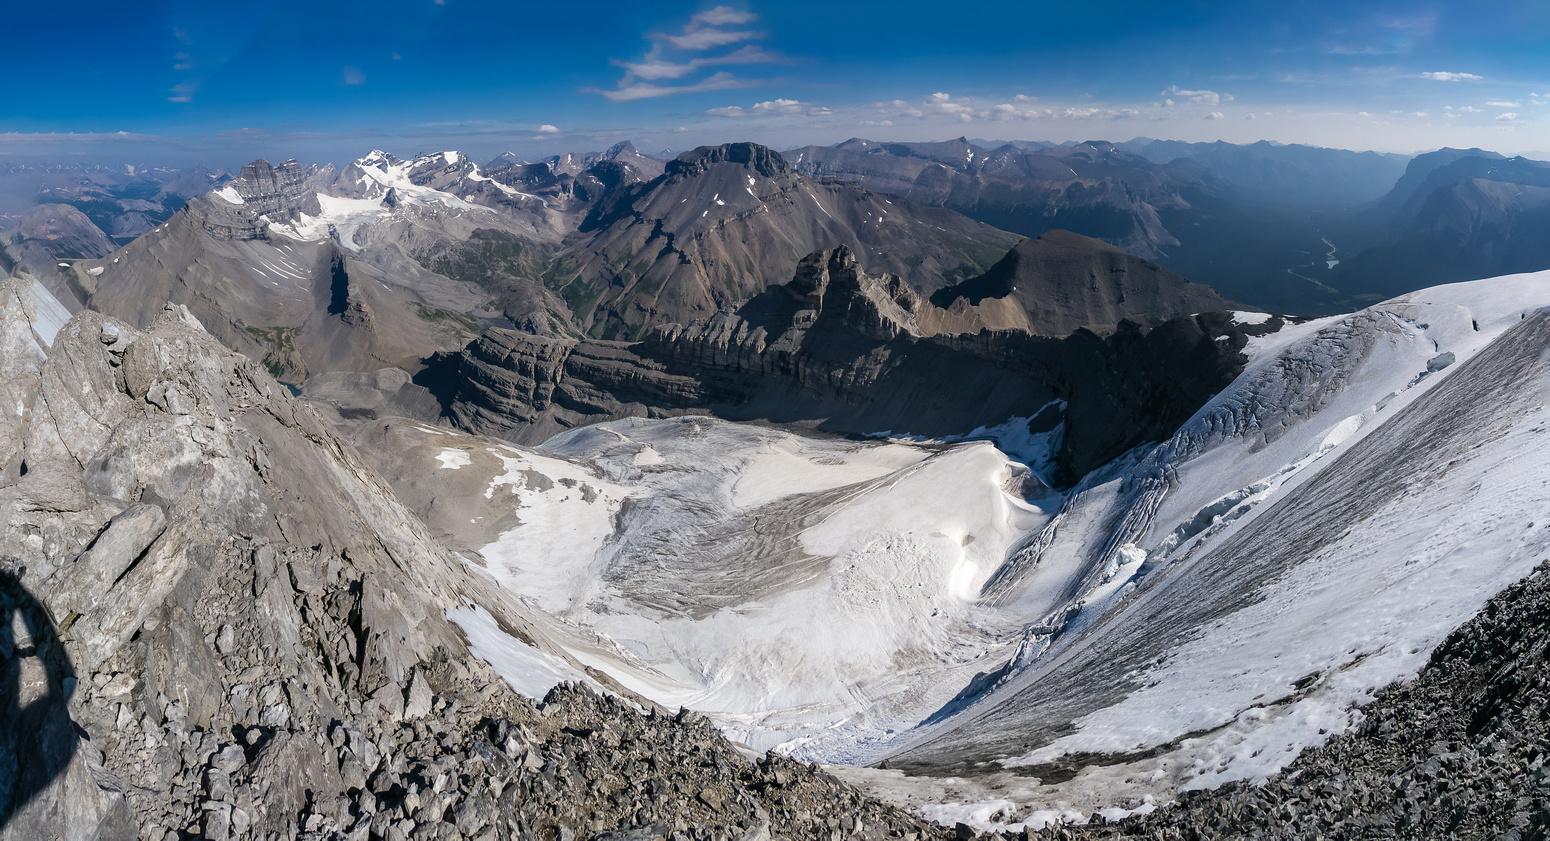 Views down the Coleman Glacier towards Cirrus.